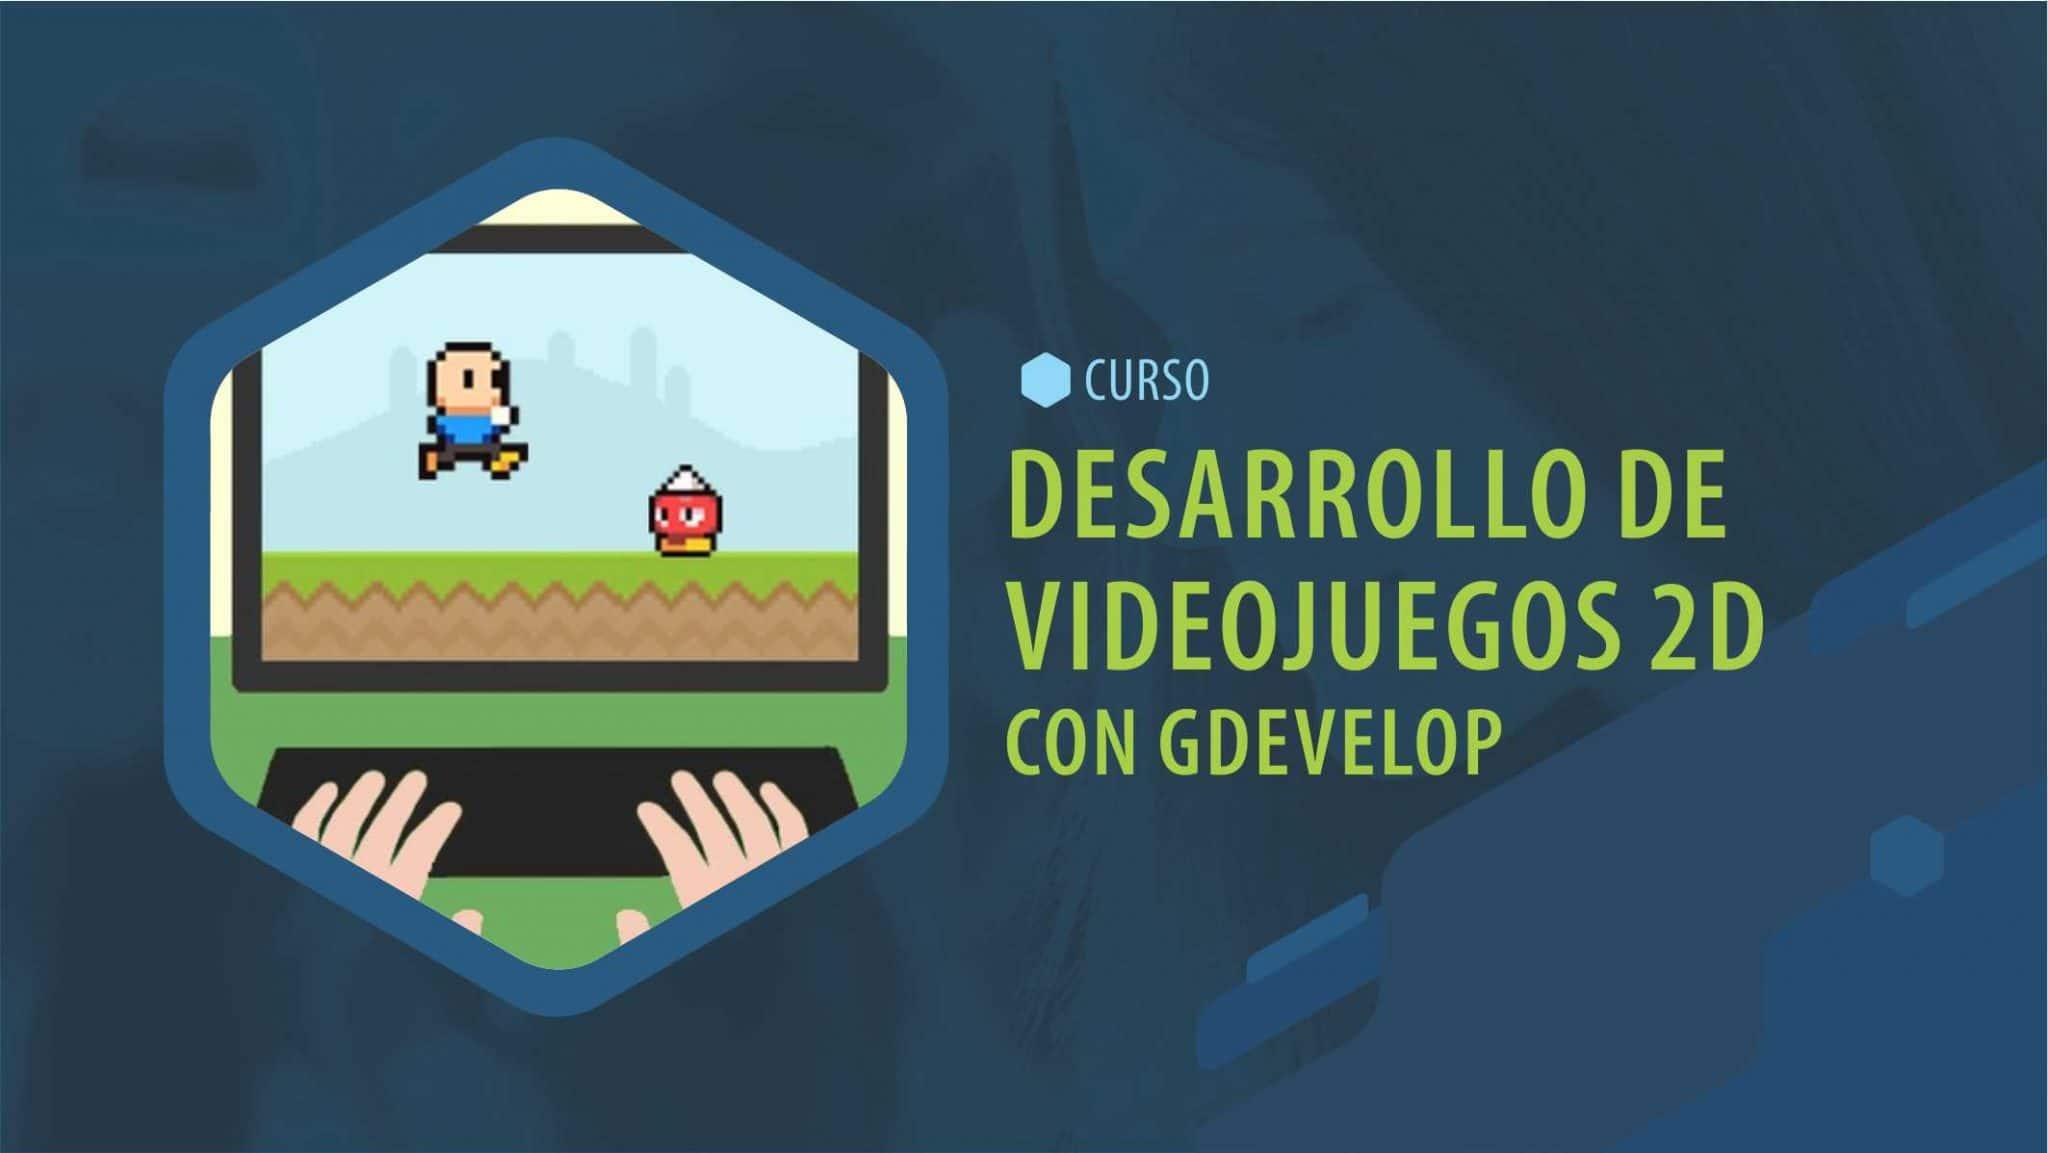 Desarrollo de videojuegos en 2D con GDevelop (adolescentes y pre-adolescentes) 100% online